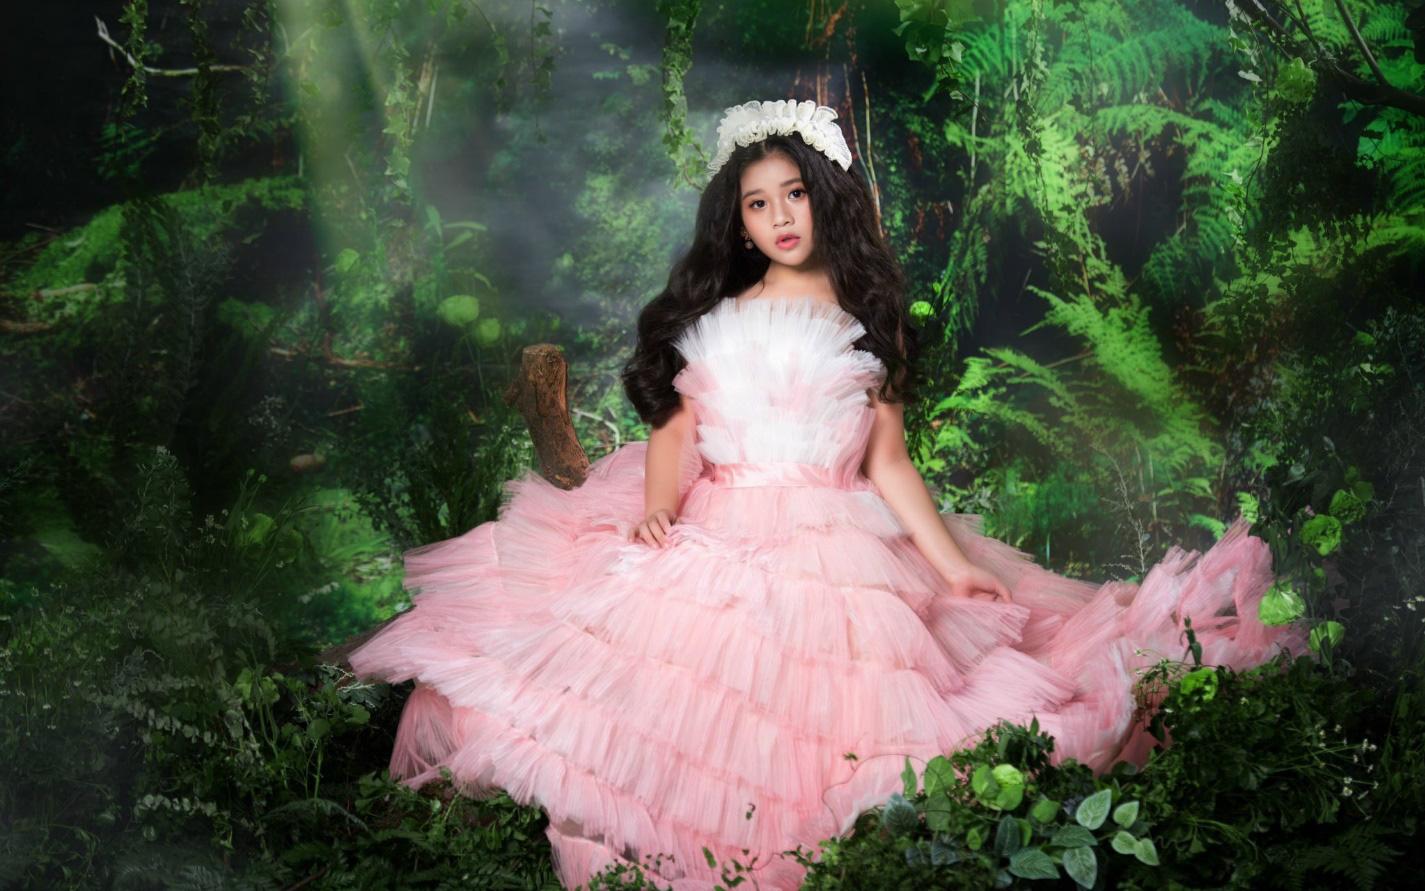 Vẻ đẹp trong treo như thiên thần của mẫu nhí Lâm Nguyễn Minh Vy